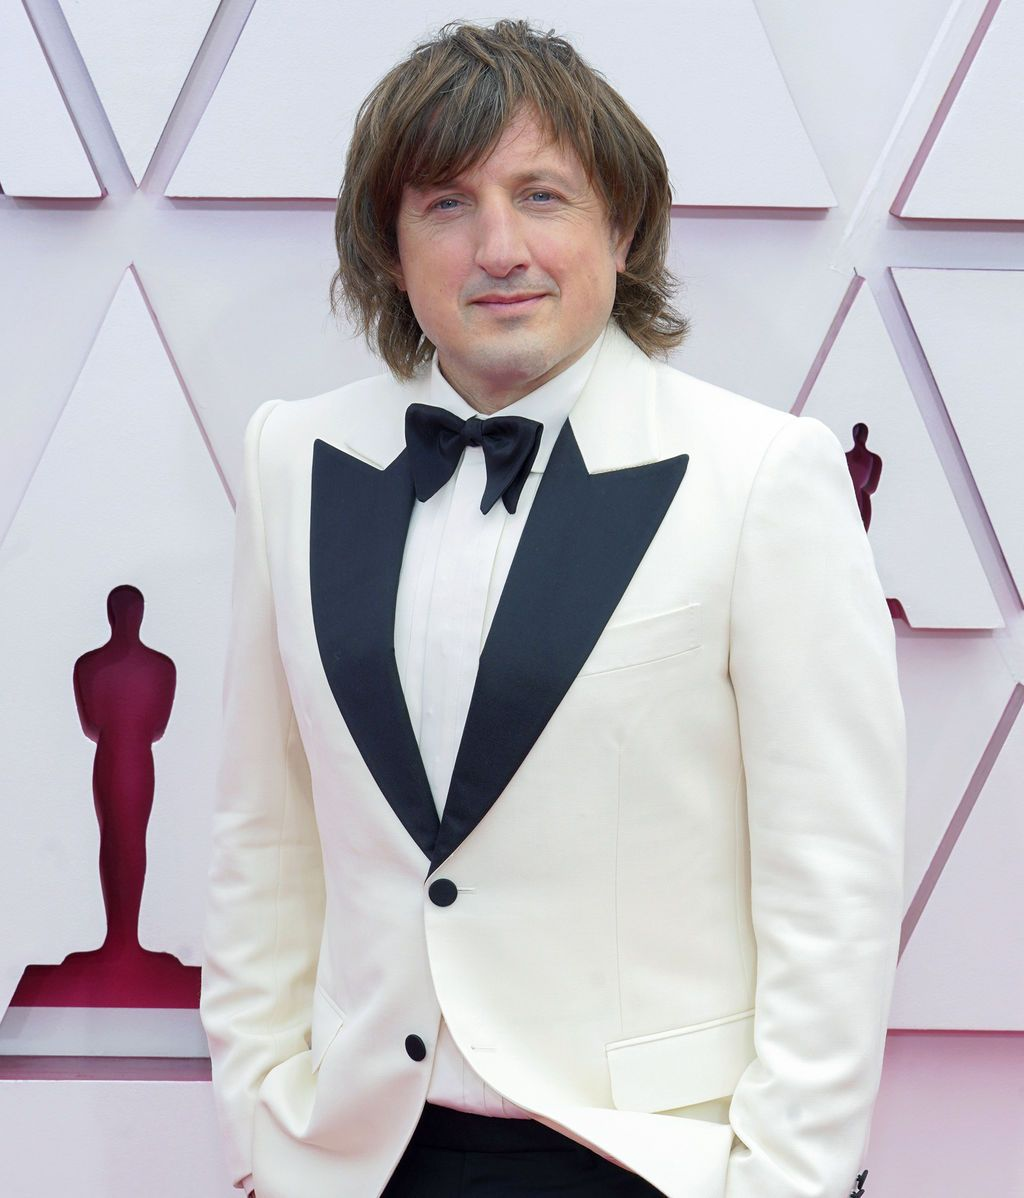 Daniel Pemberton desfila en la alfombra roja de Union Station, la estación de autobuses de Los Ángeles, una de las sedes donde tiene lugar la gala de los Premios Oscars 2021